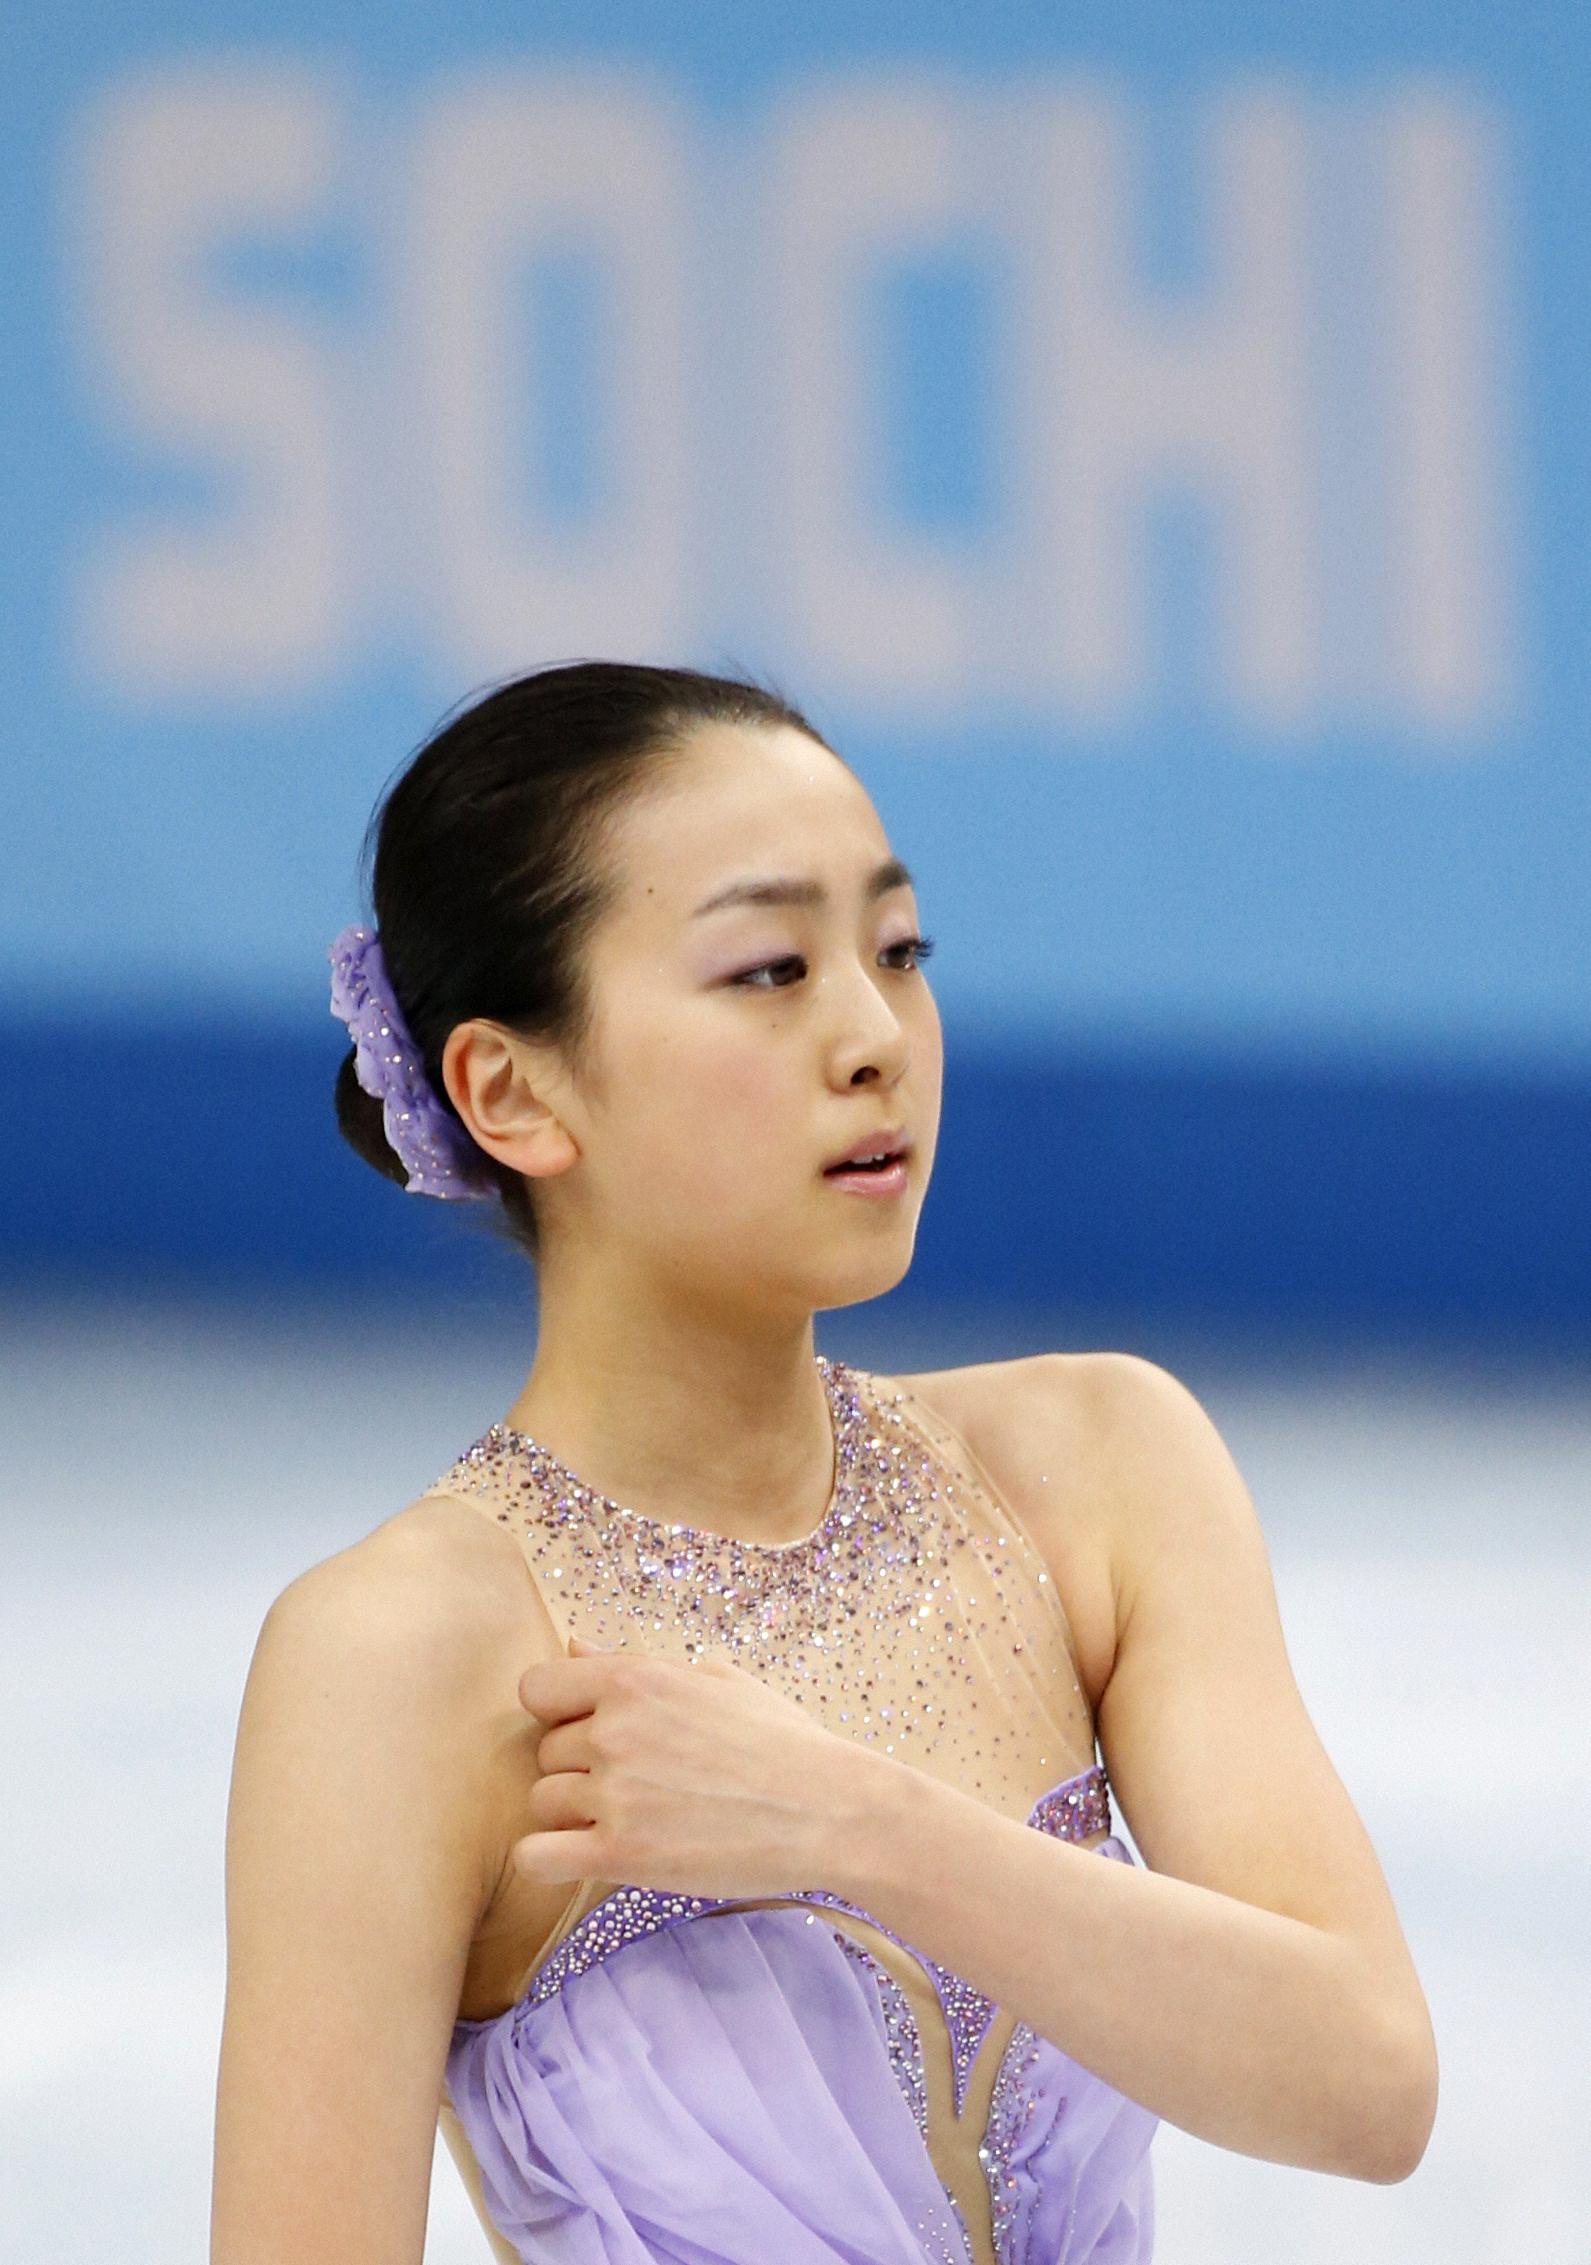 浅田SP16位、メダルは絶望的 自慢のジャンプで手痛いミス